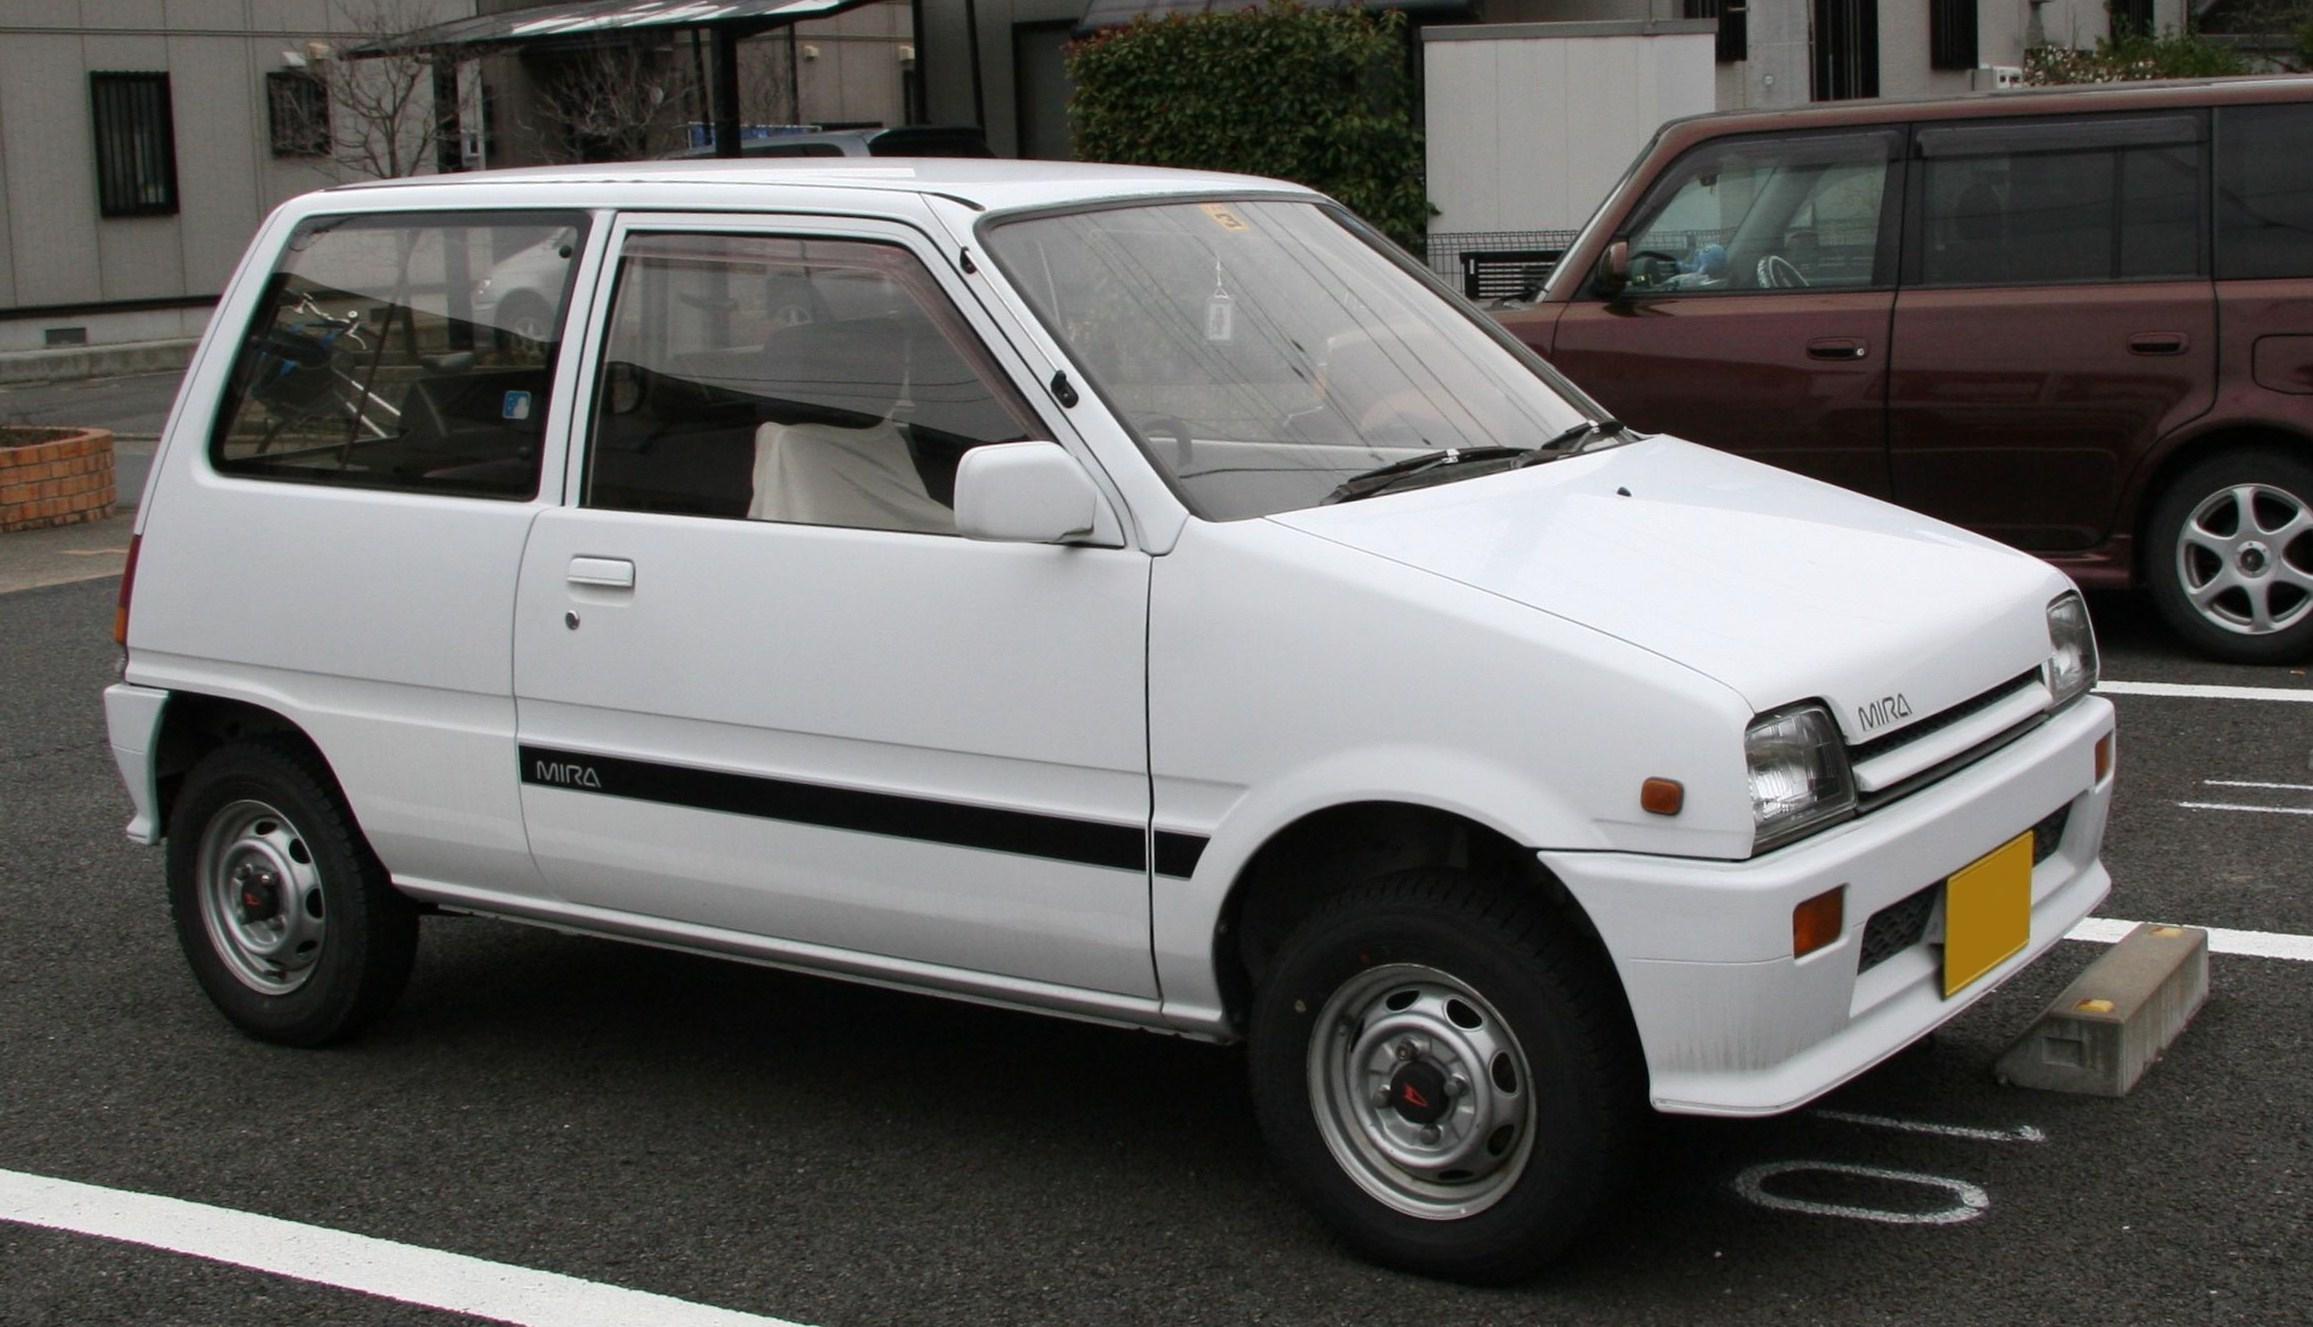 Daihatsu Leeza I 1986 - 1993 Cabriolet #1